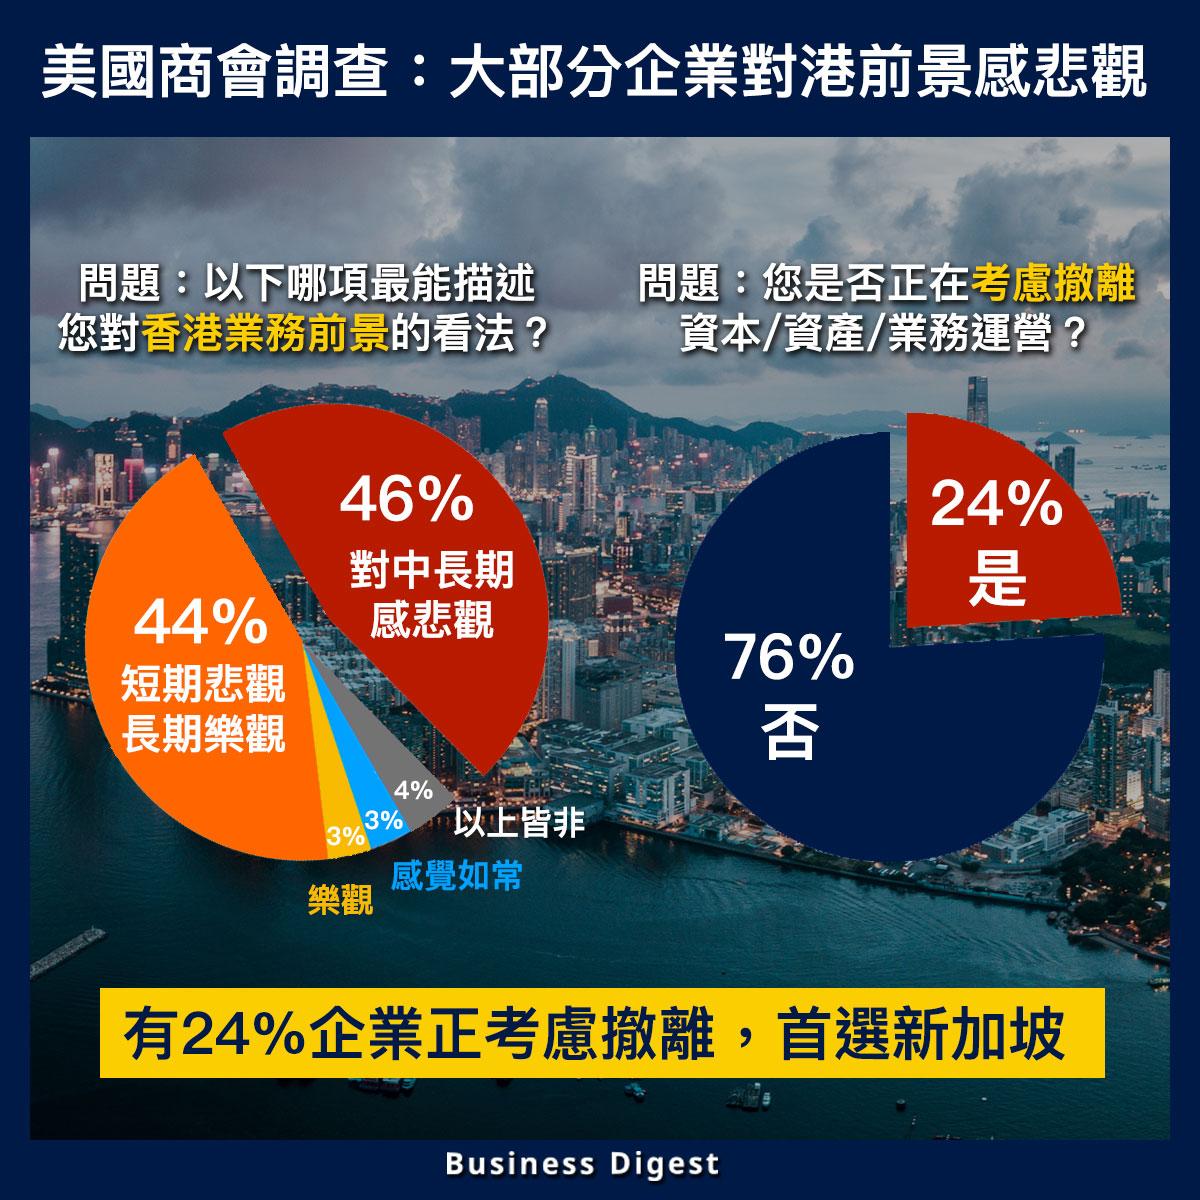 大部分企業對港前景感悲觀